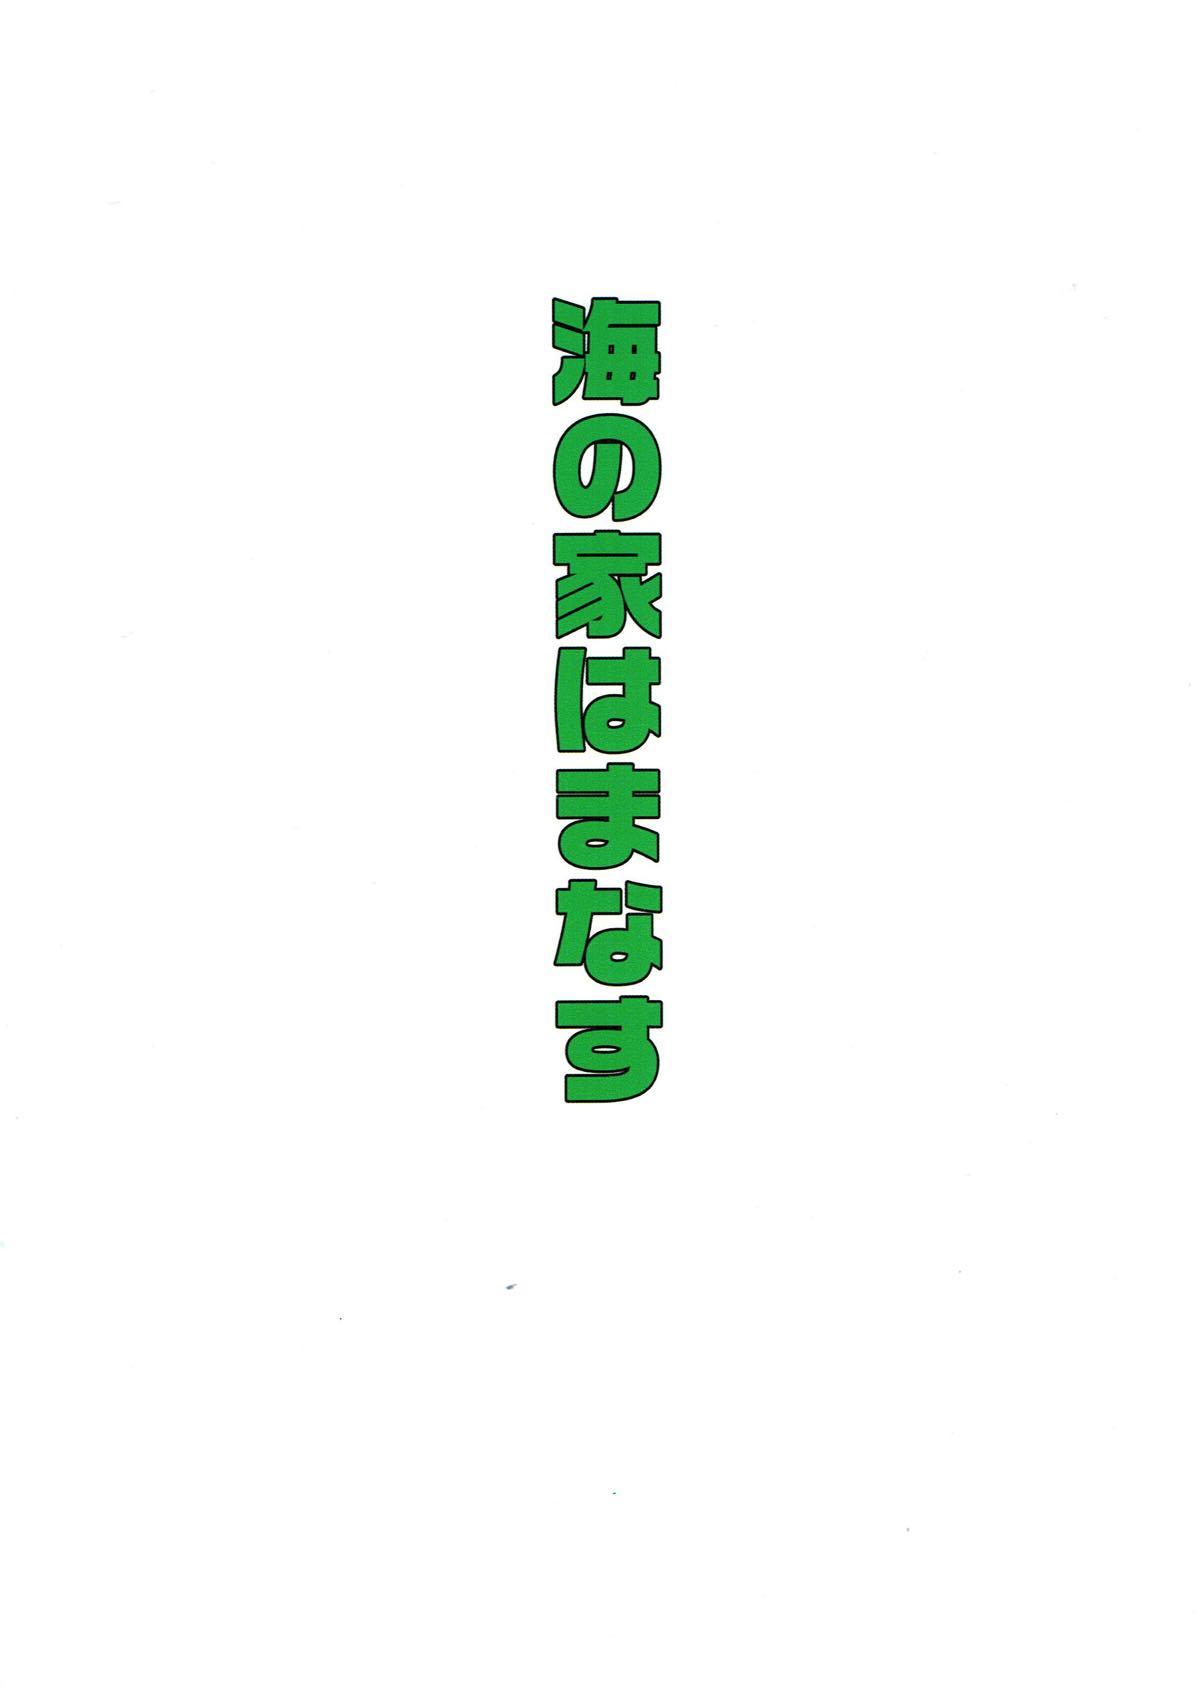 【エロ同人誌 ぷよぷよ】貧乳幼女のリデルにふたなりチンポをフェラチオさせられて口内射精されちゃうアレックスw【海の家はまなす エロ漫画】 (15)